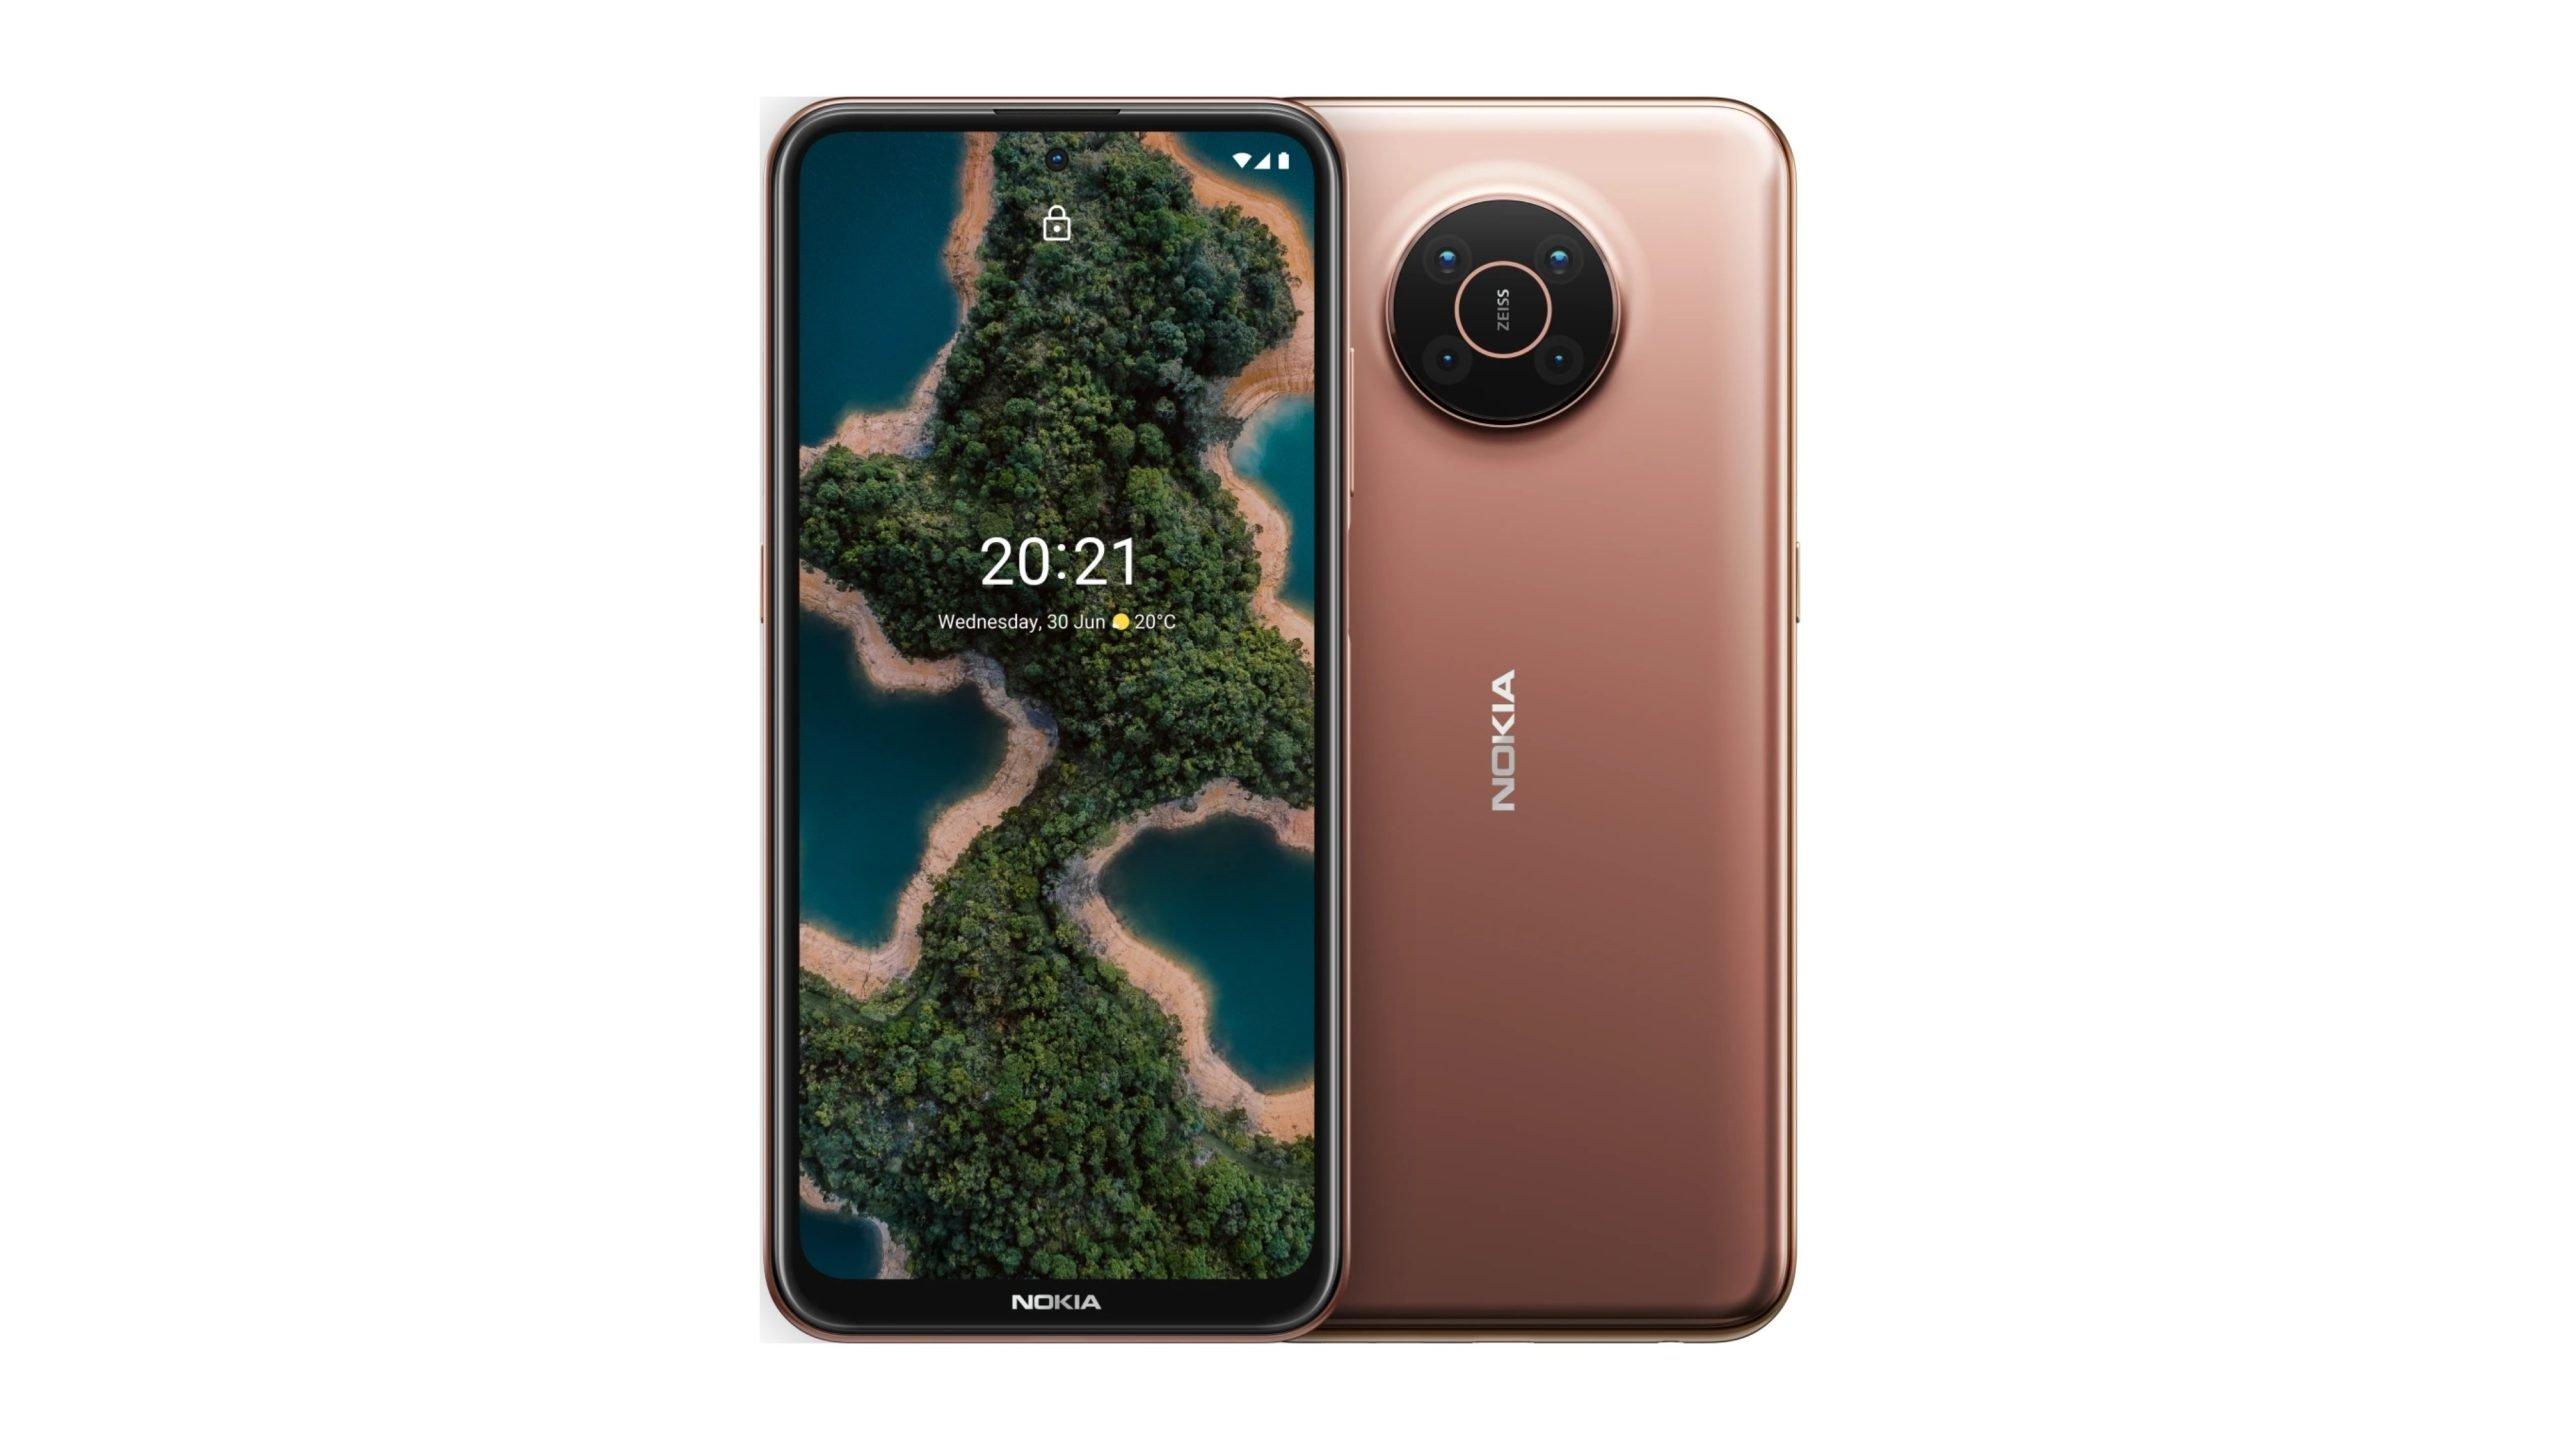 گوشی نوکیا XR20 با اسنپدراگون ۴۸۰ در بنچمارک گیکبنچ رویت شد